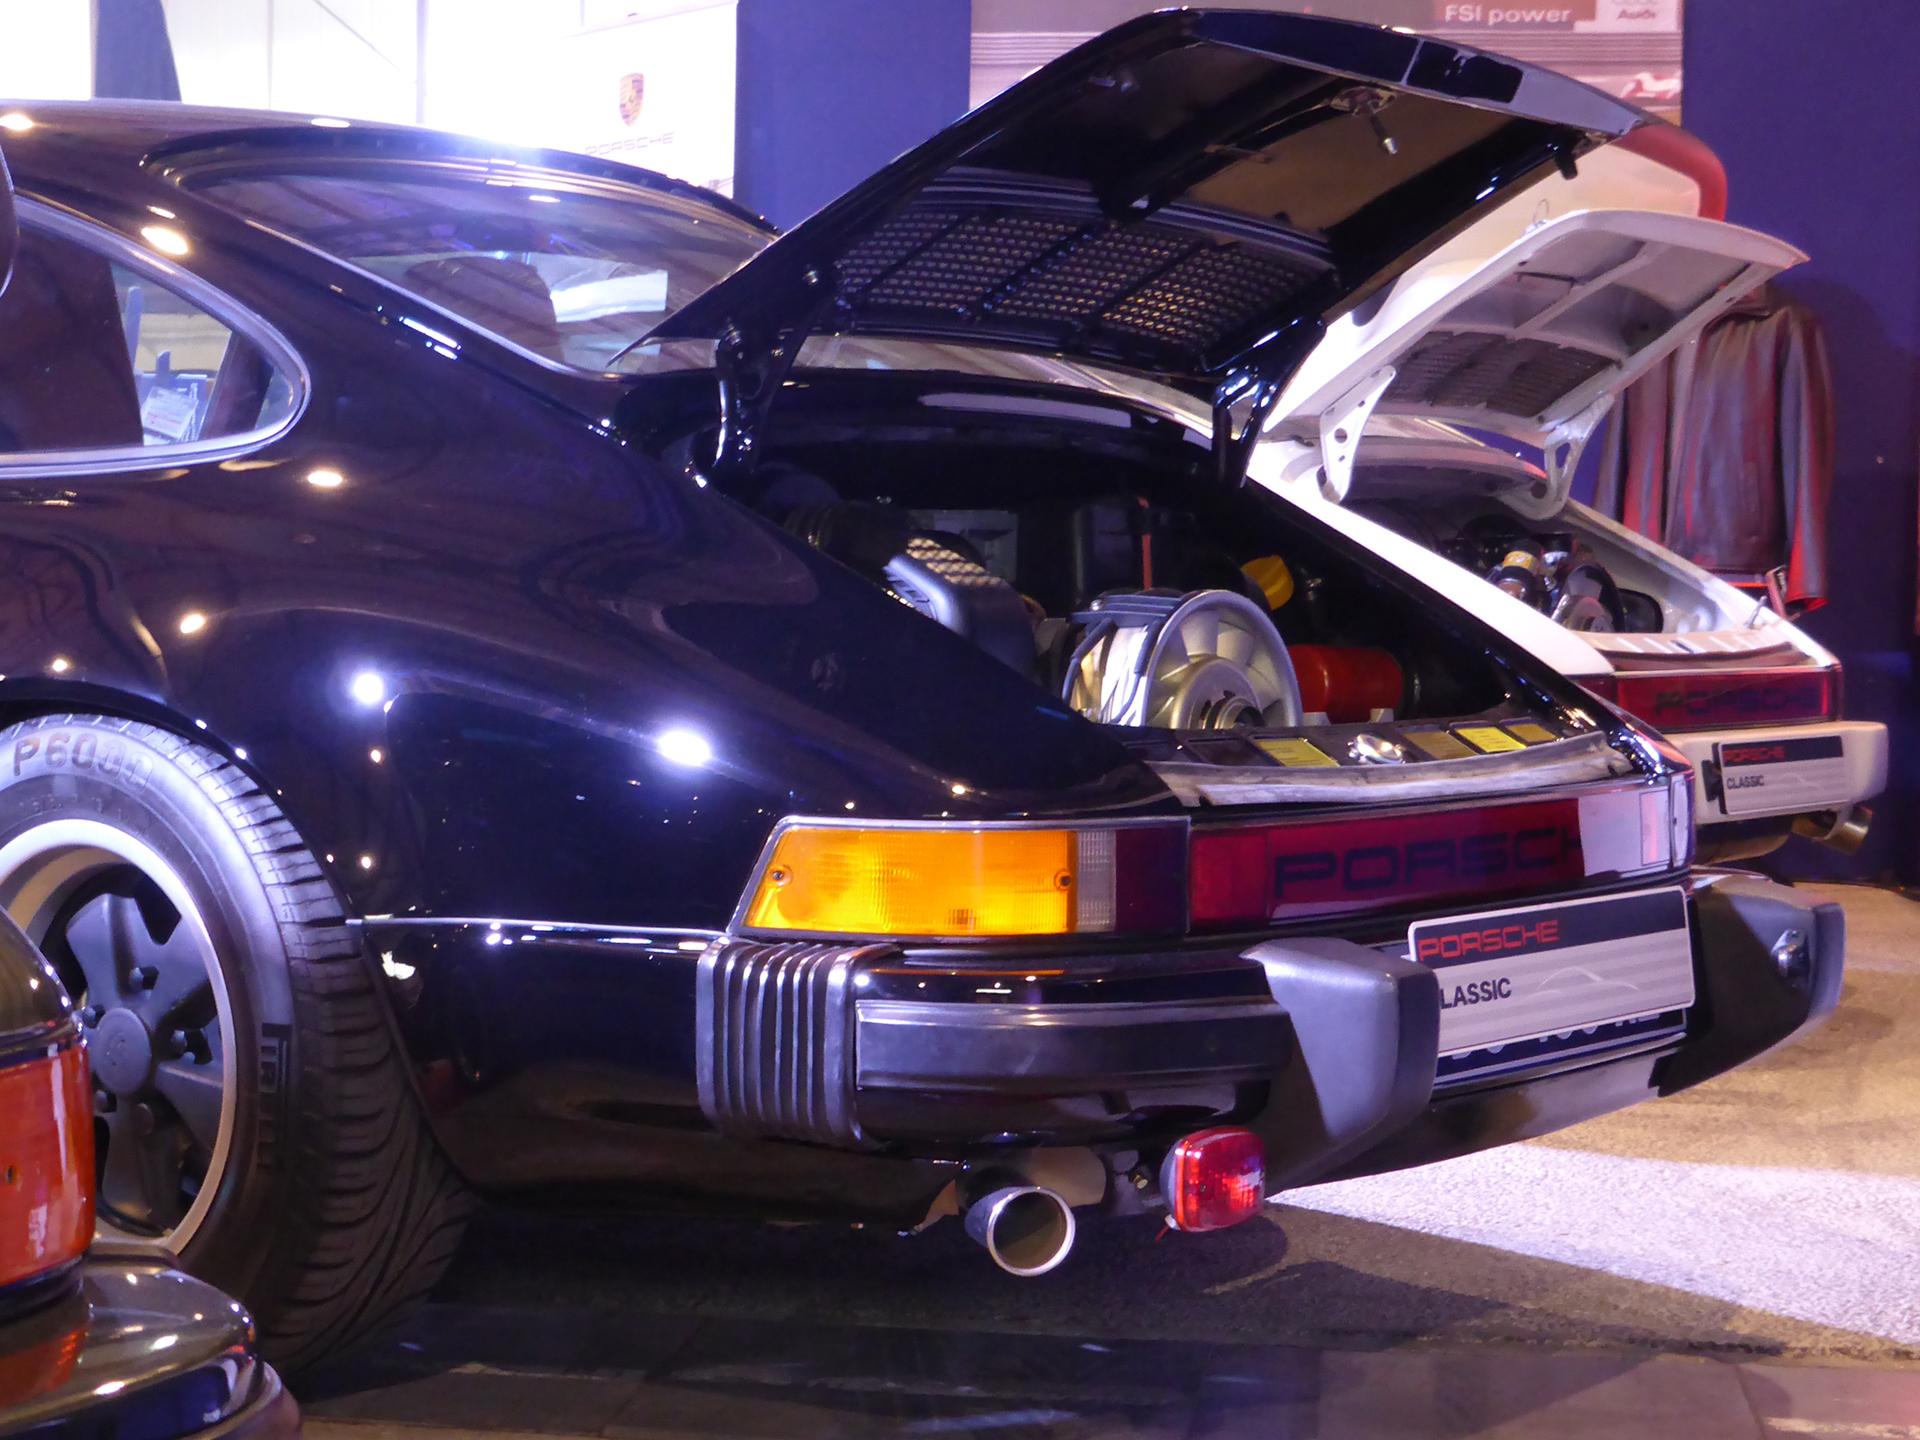 DM - photo - Porsche classic - rear /arrière - Ouest Motors Festival 2015